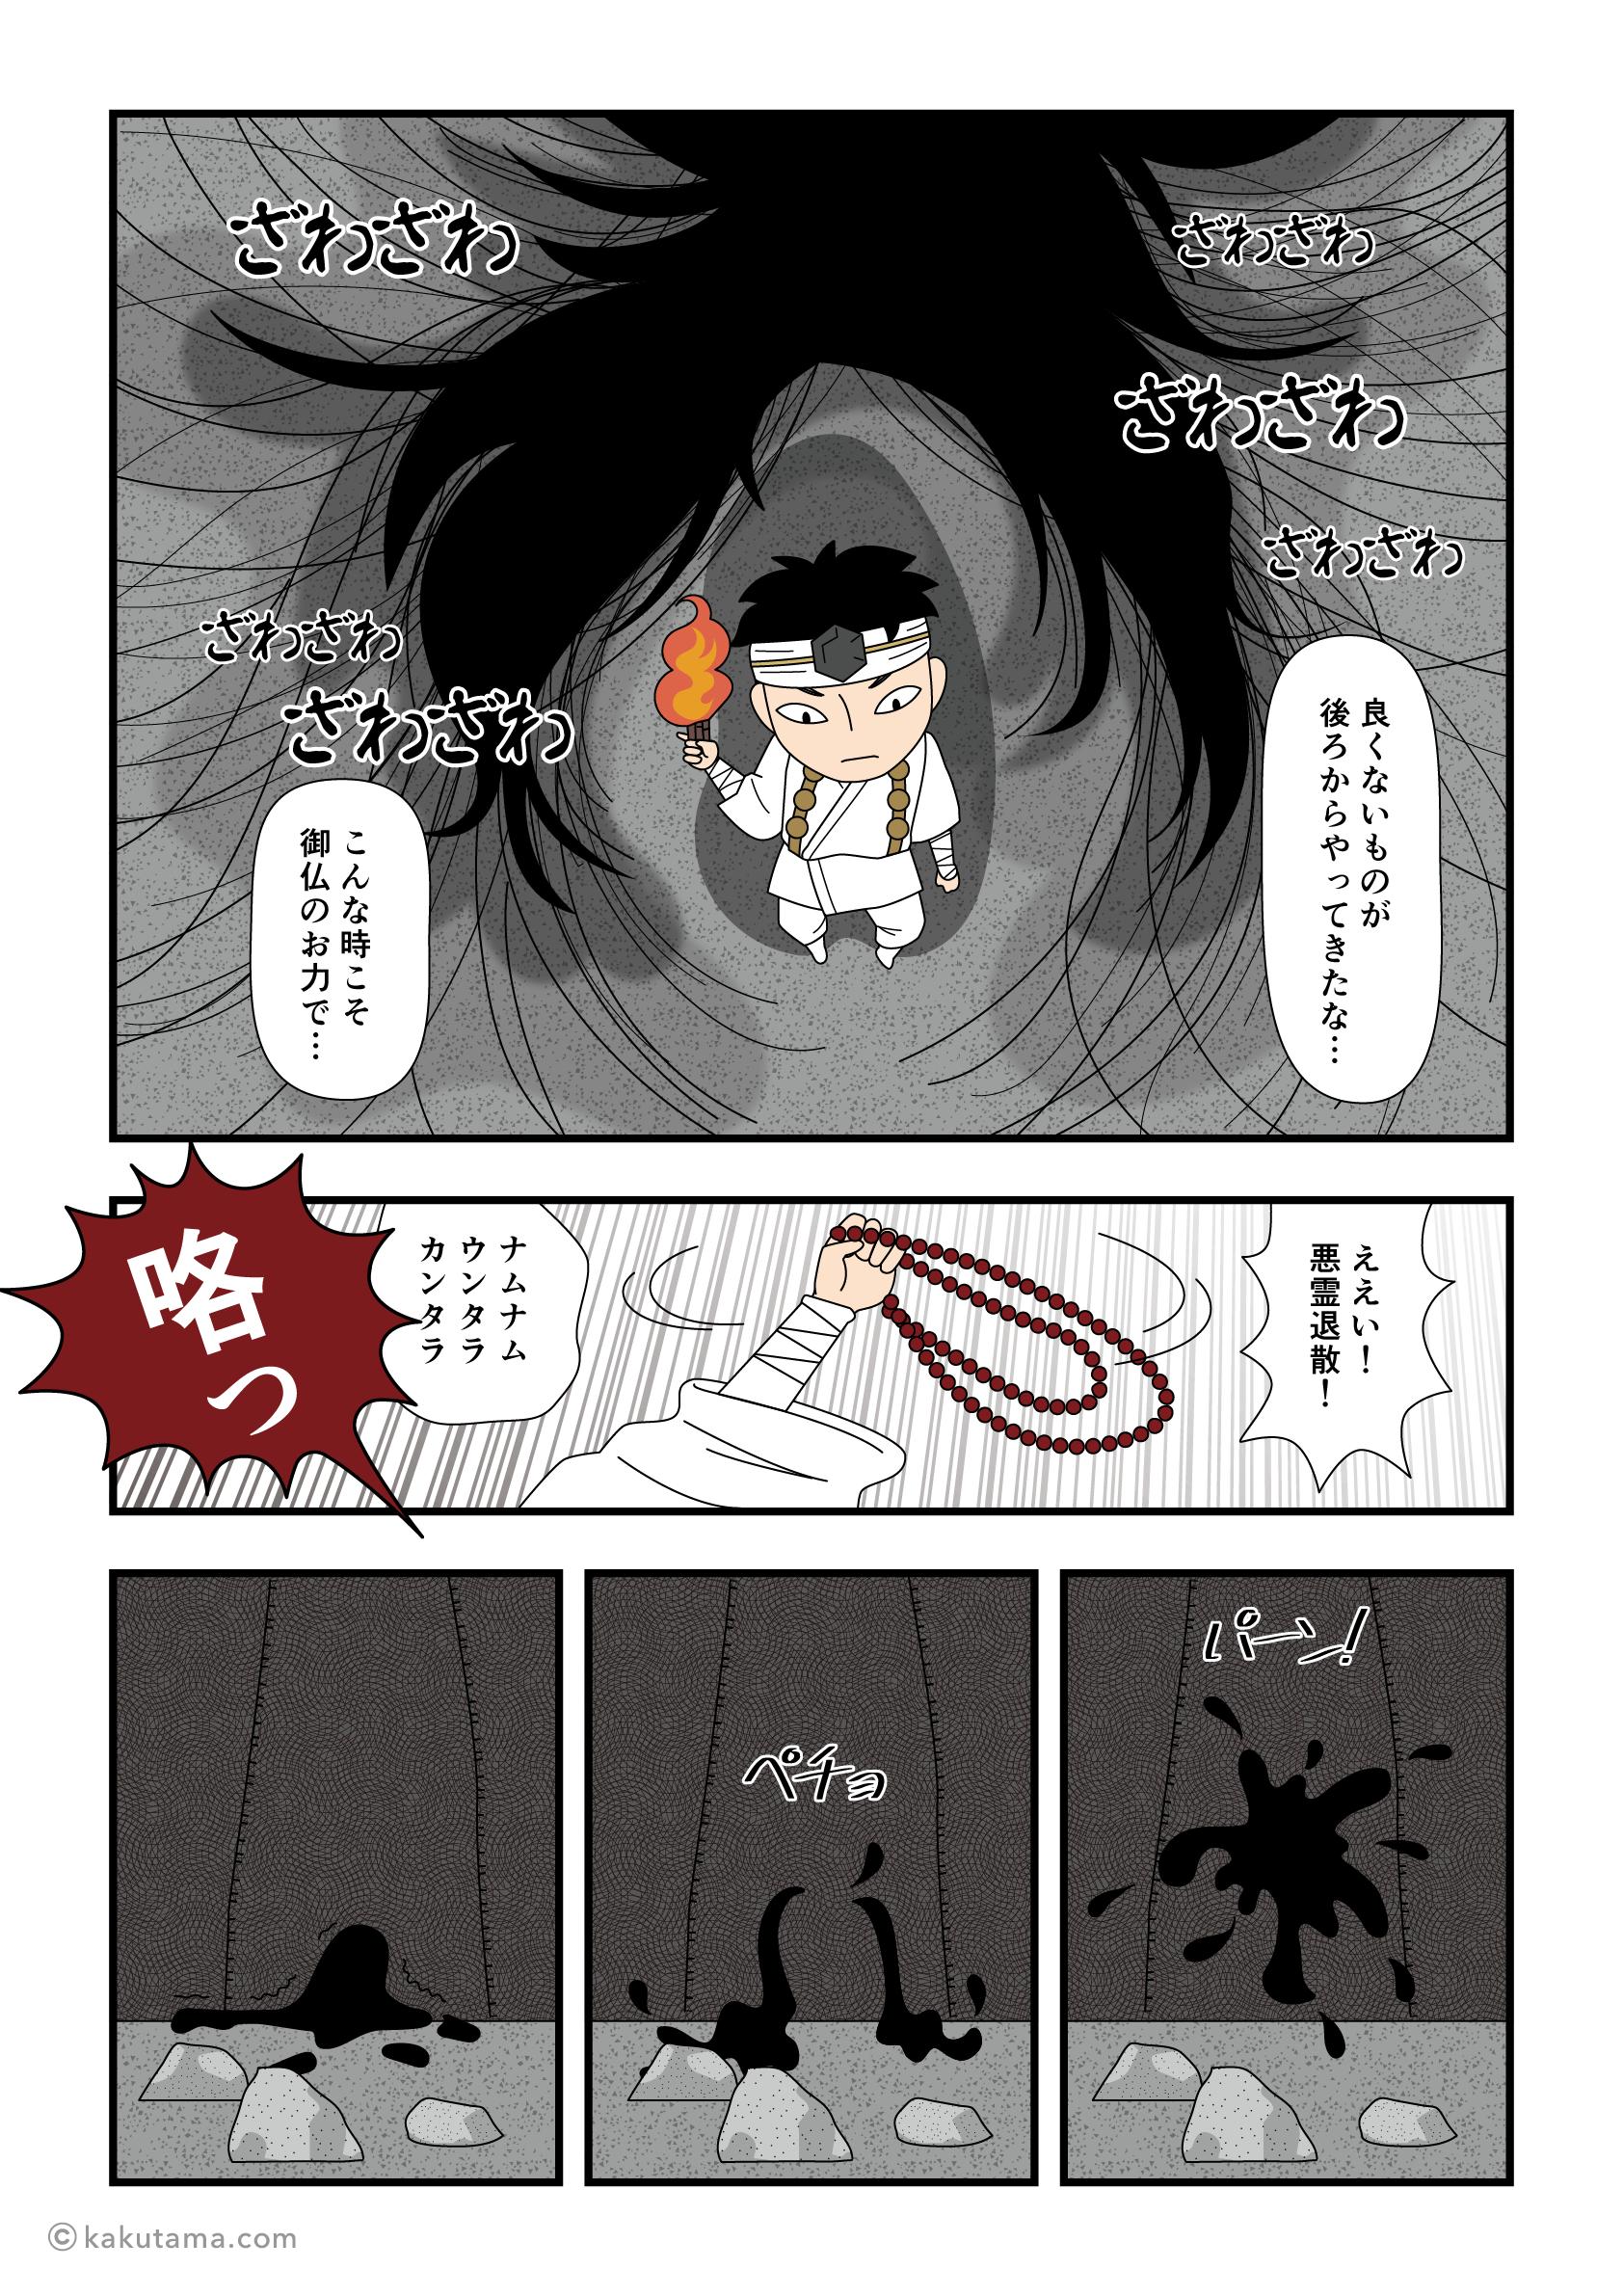 秋芳洞の奥に住む鬼女と遭遇した修験者の漫画1